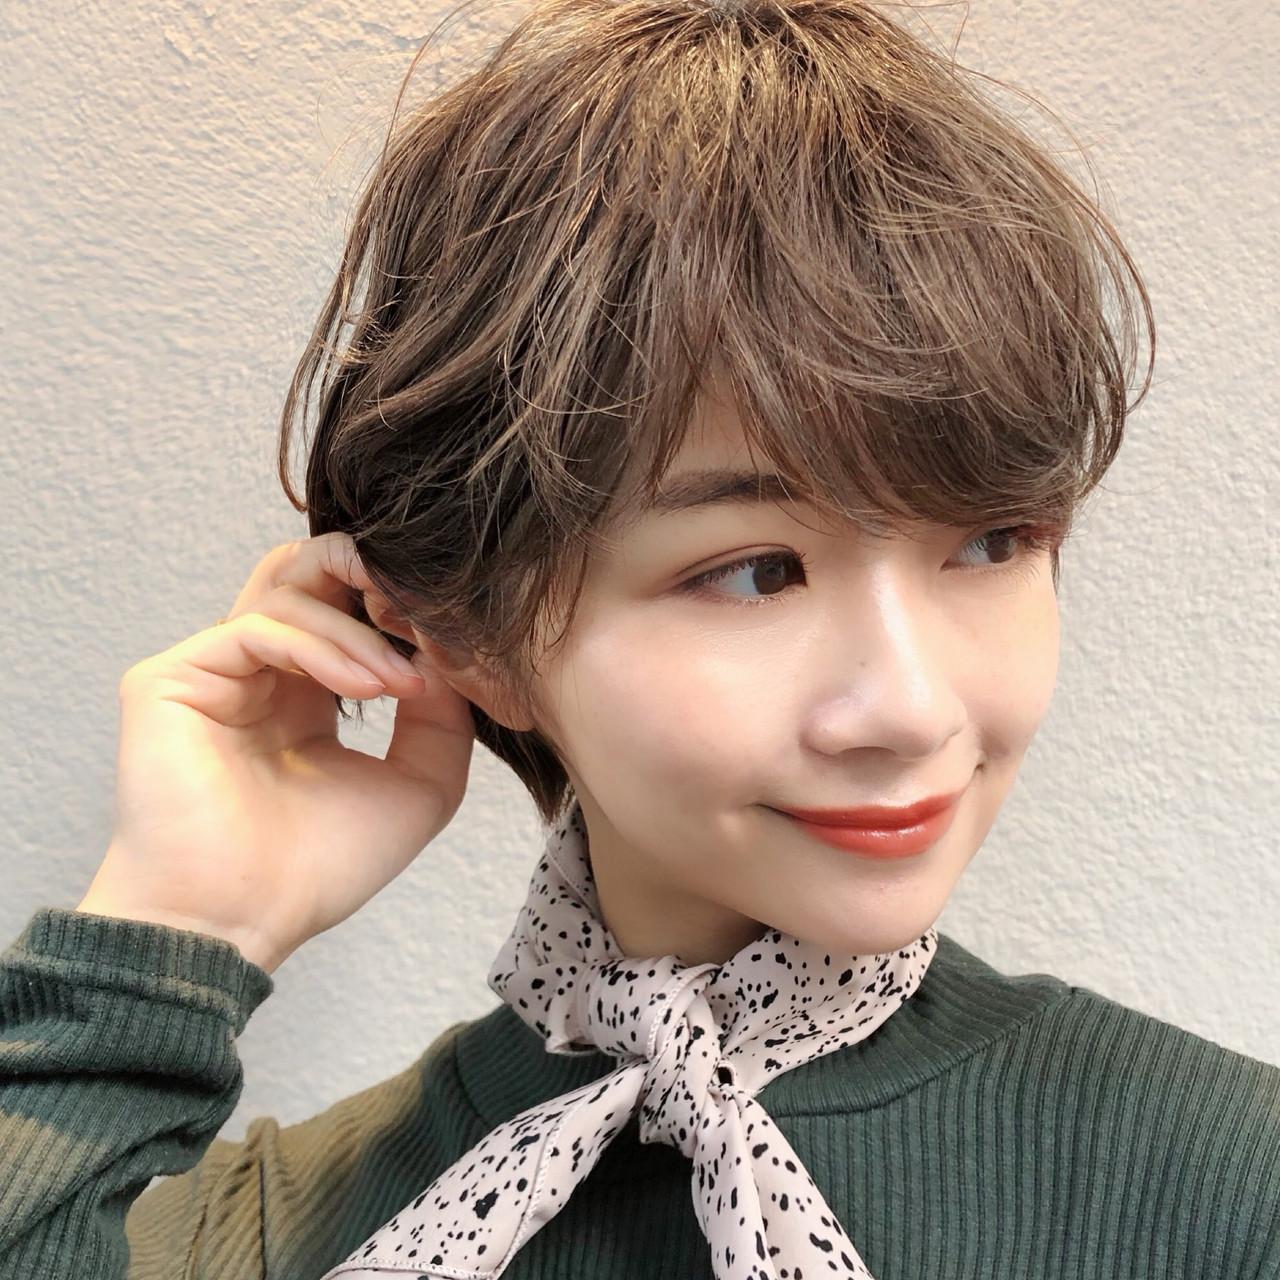 前髪で40代女性の大人な魅力を最大限引き出すスタイルを大特集